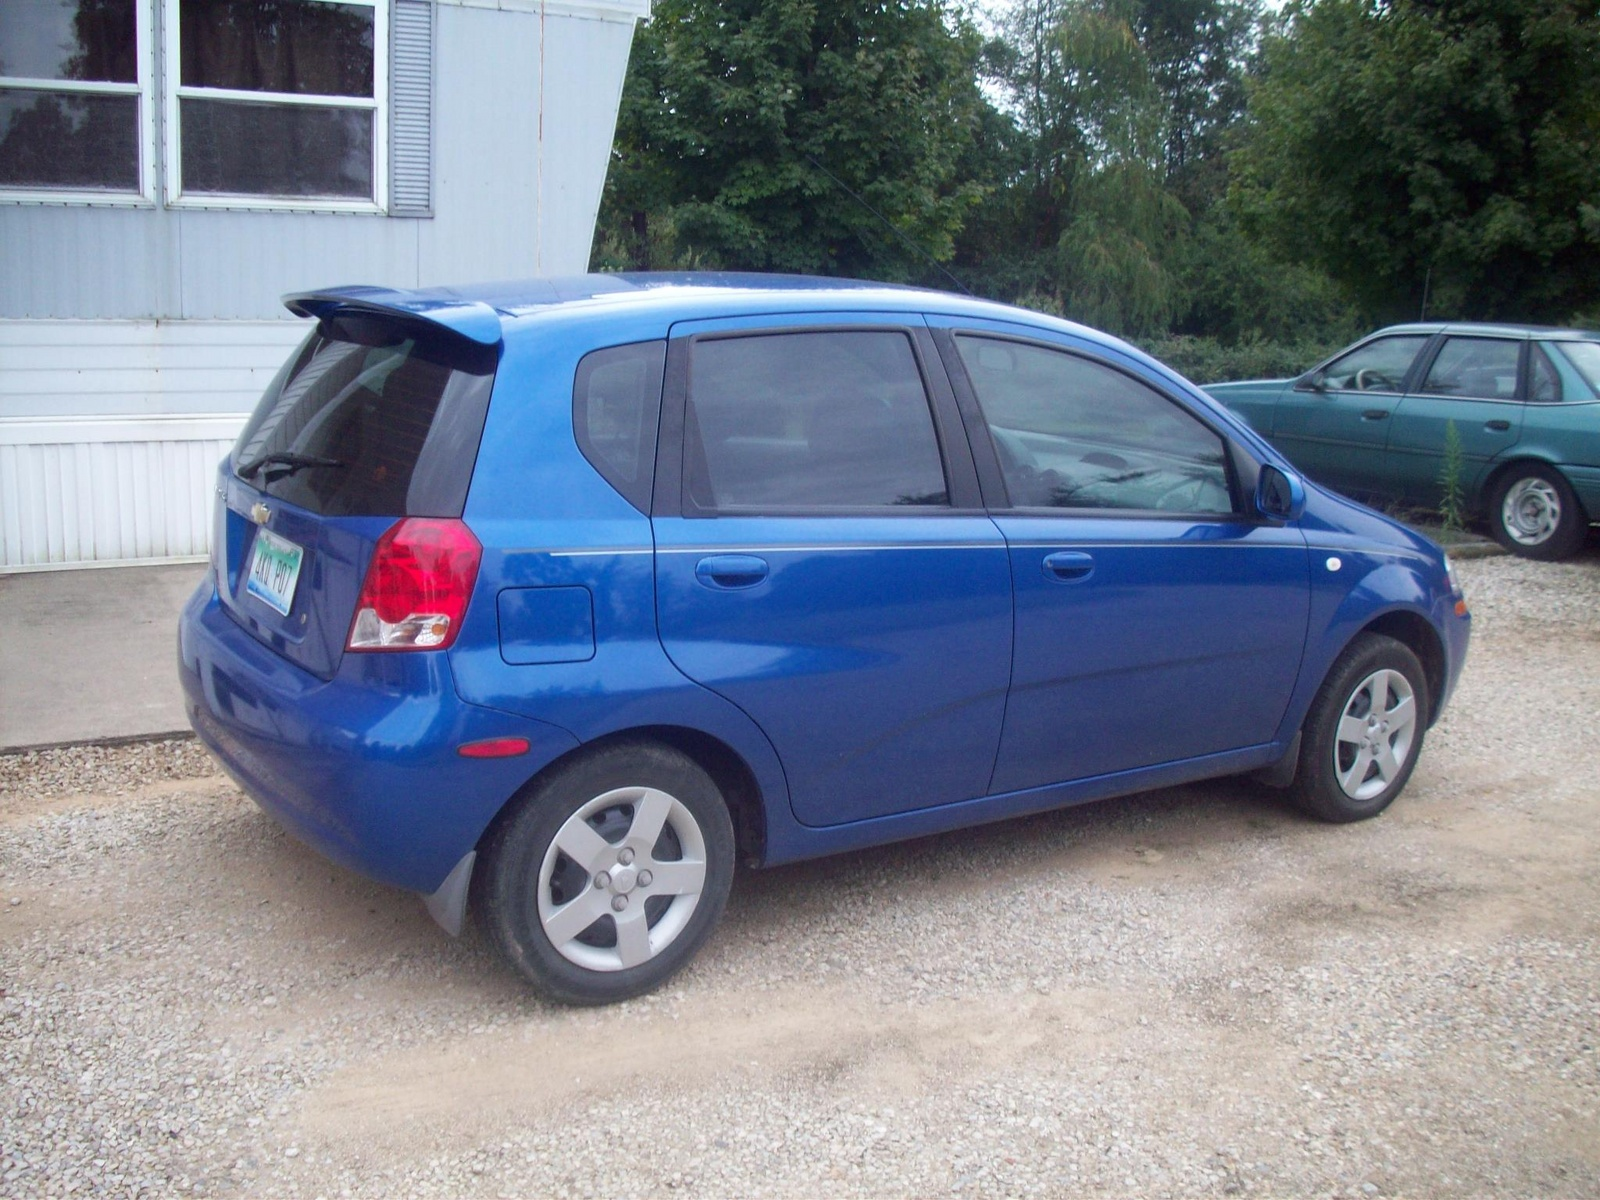 2005 Chevrolet Aveo Pictures Cargurus